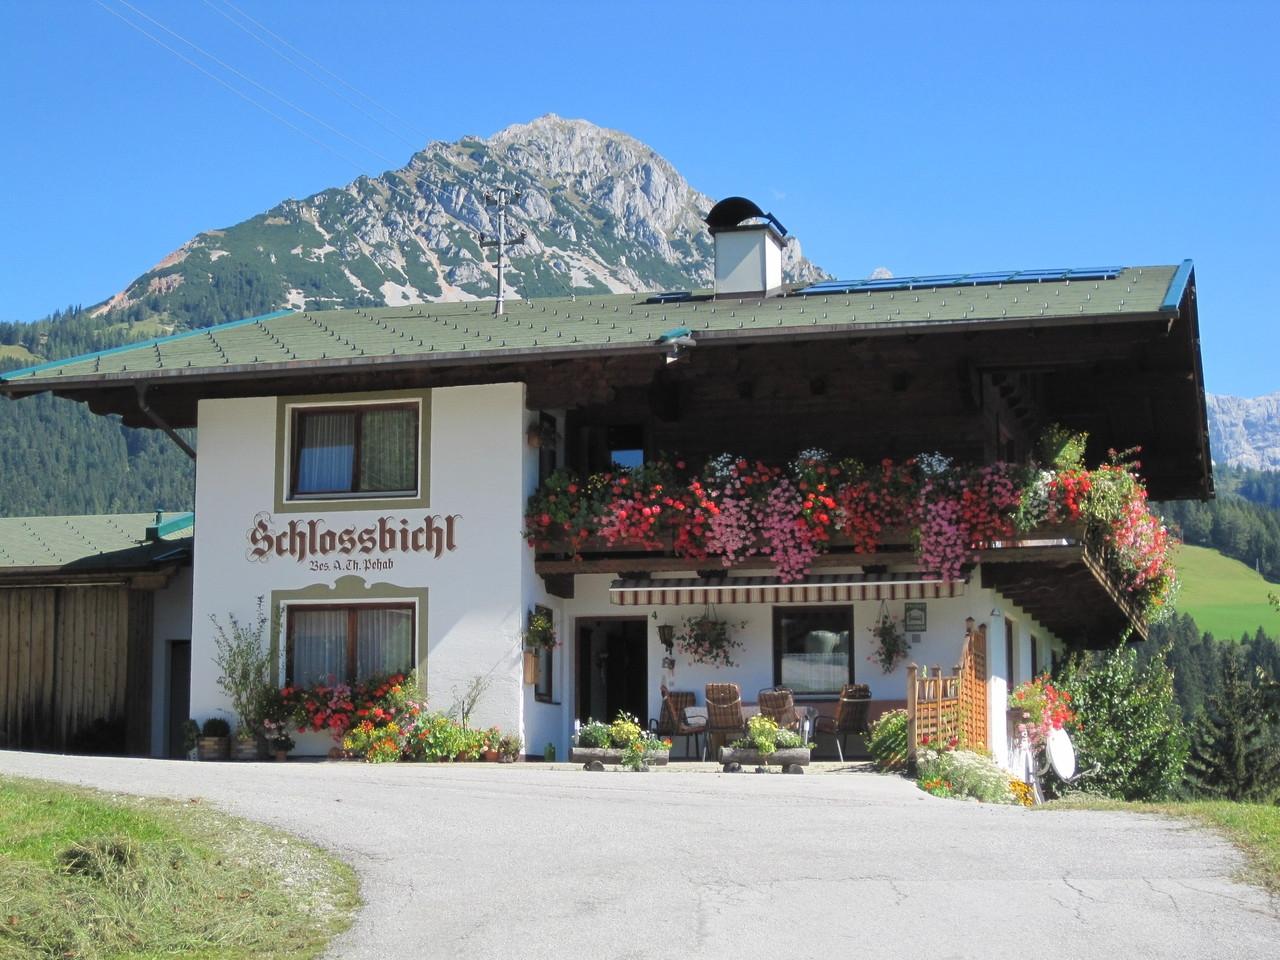 Appartement Haus Schlossbichl Sportwelt Amadé - Anbieter Pehab - Appartement Nr. 140324